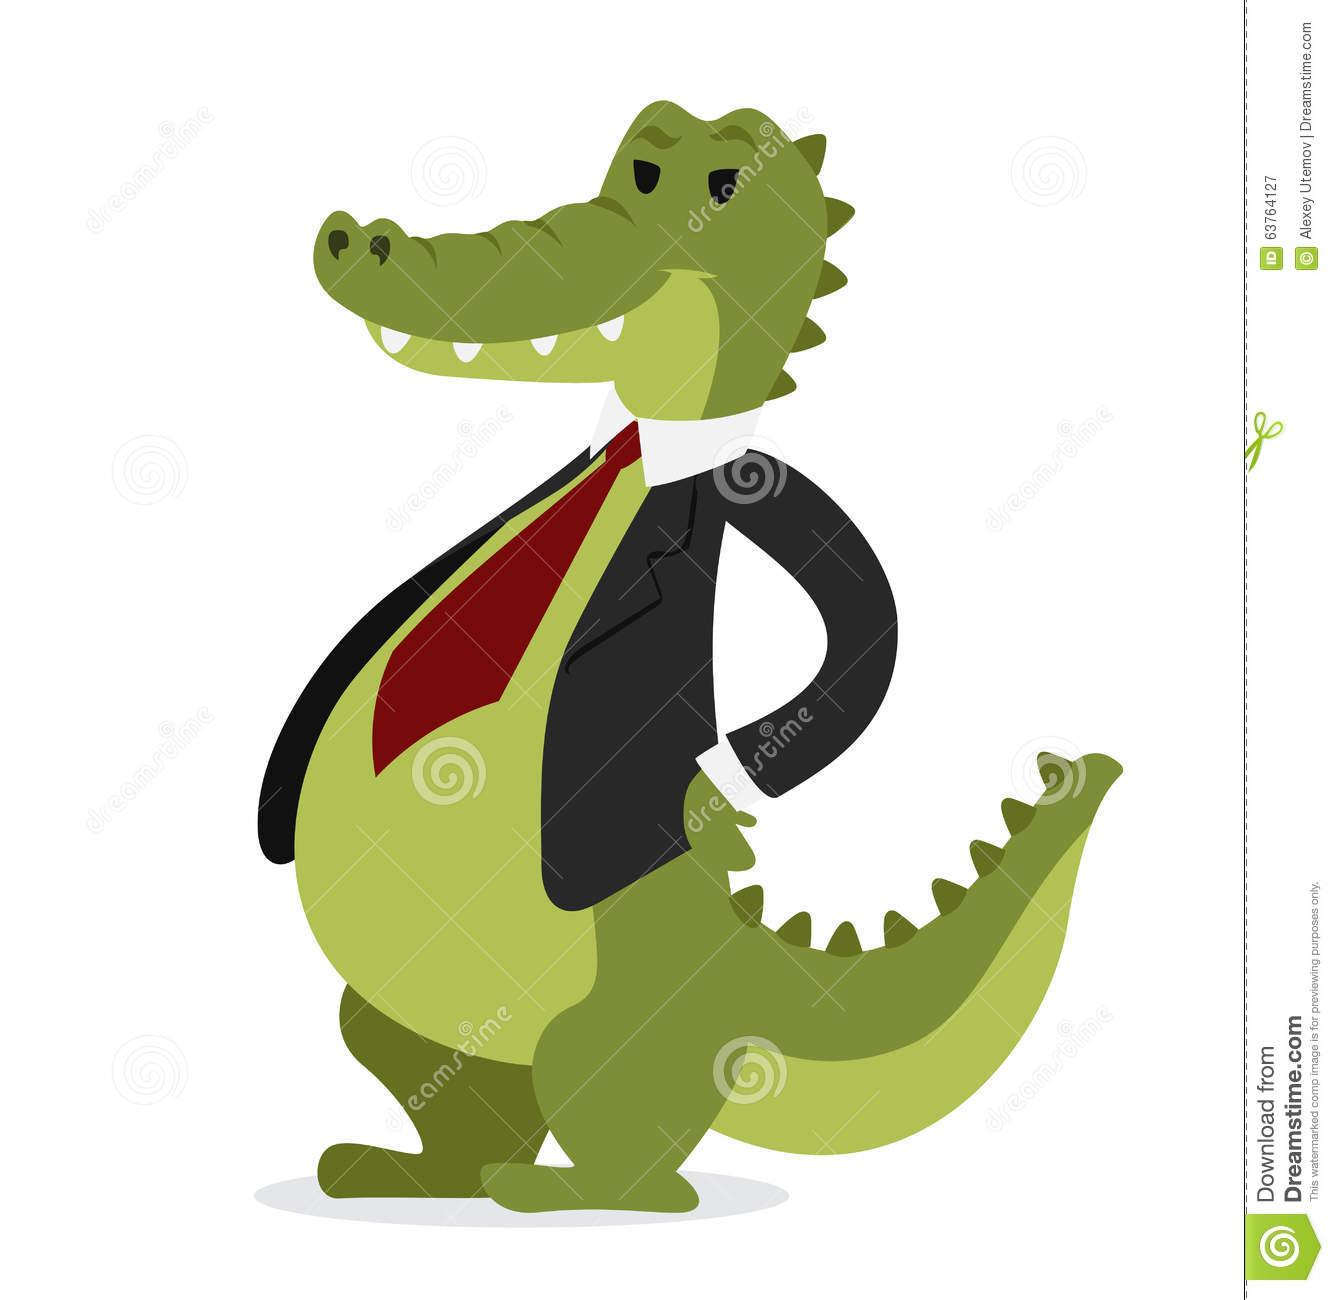 1334x1300 Portrait Crocodile Clipart, Explore Pictures